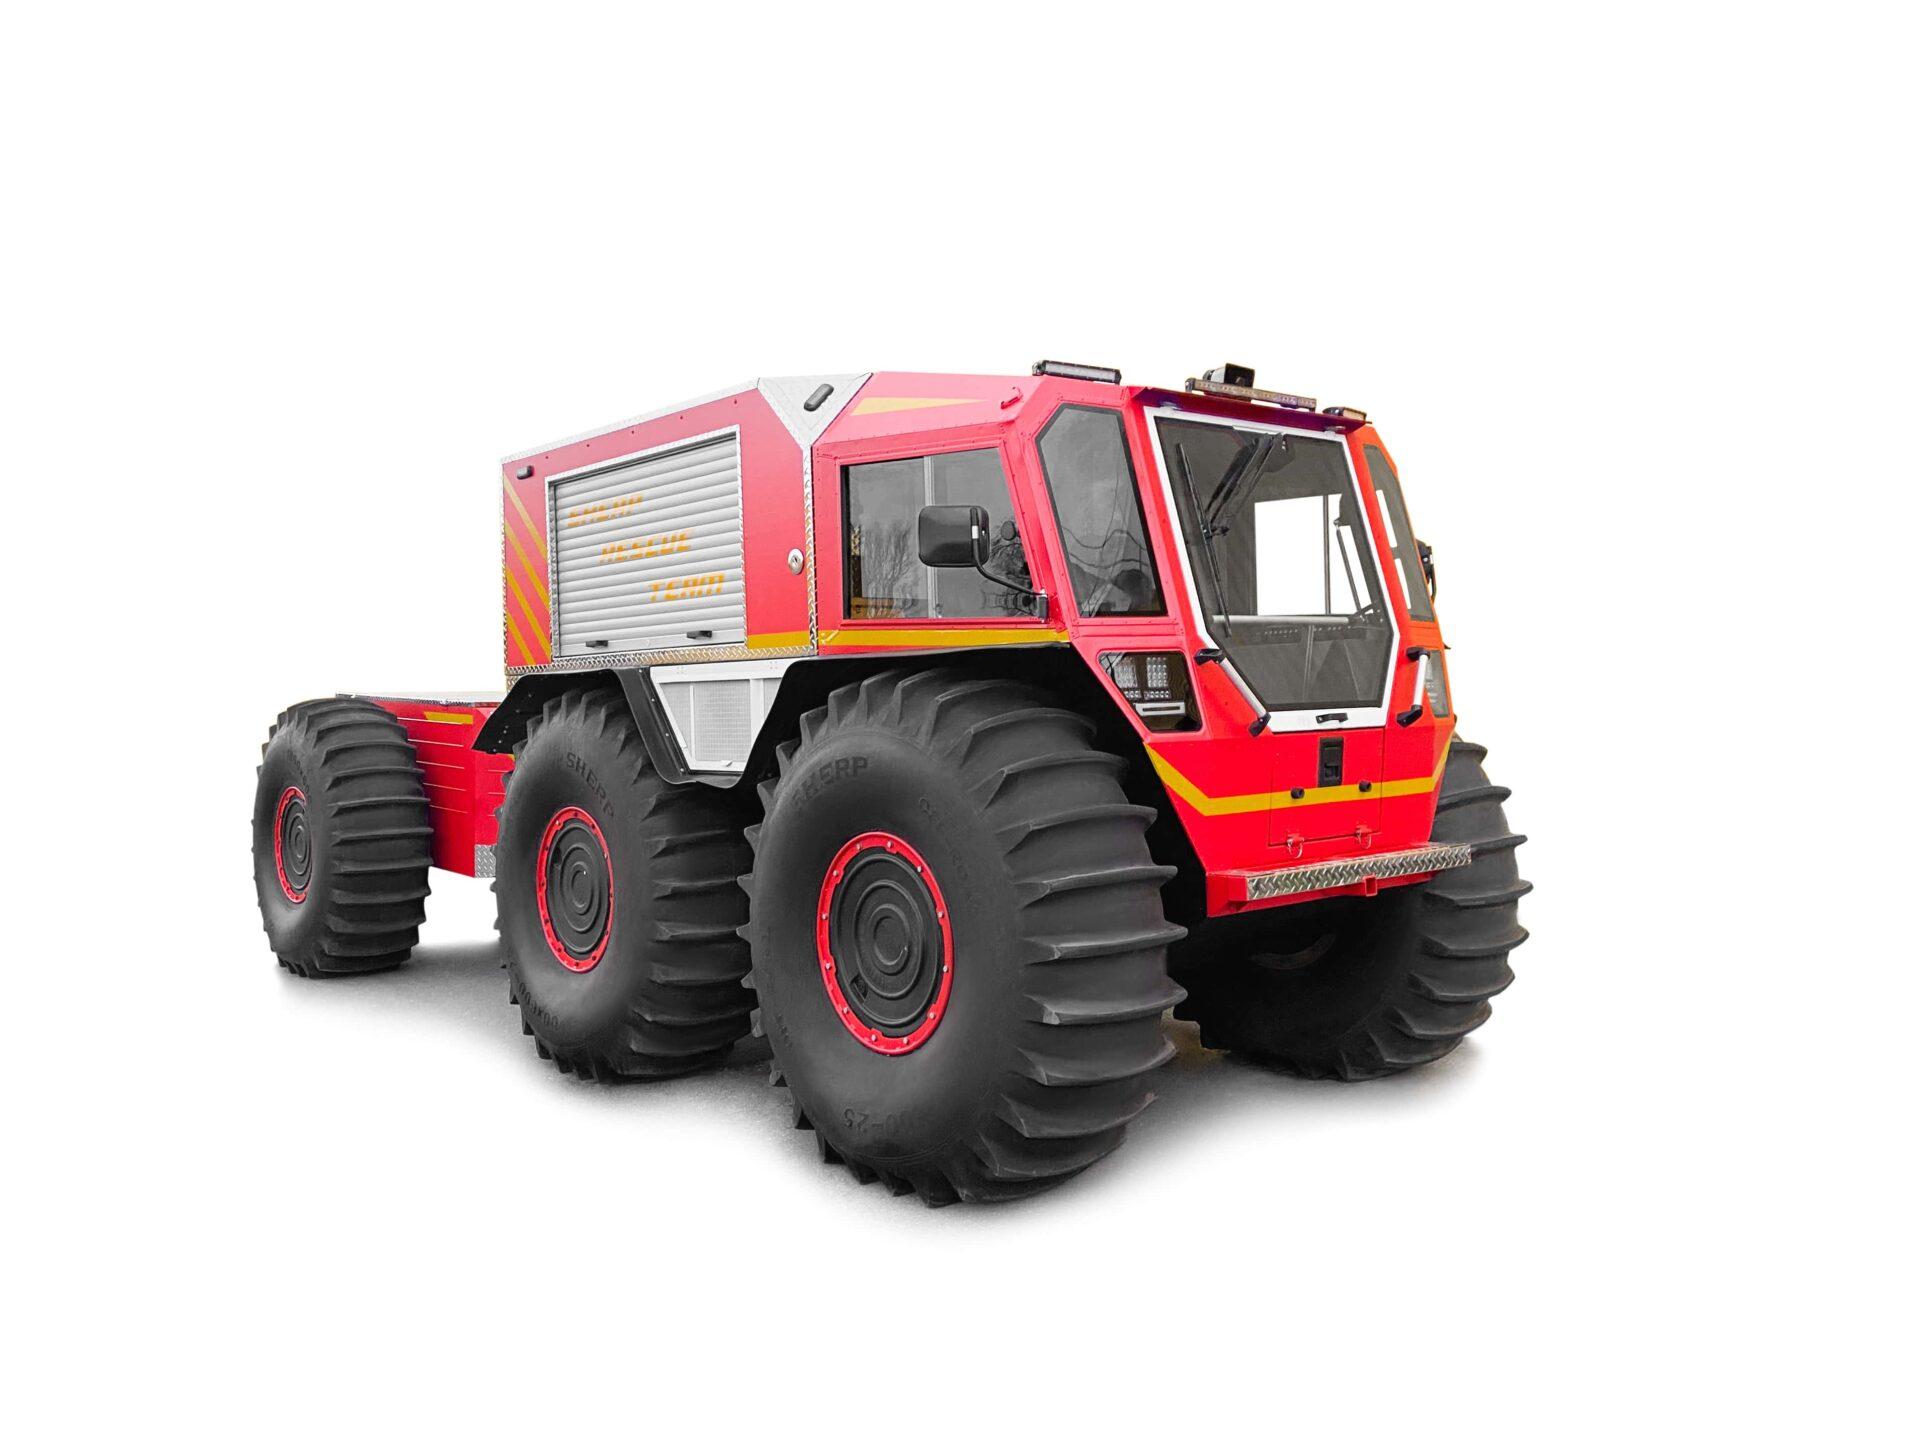 Meet the new SHERP Firefighting UTV